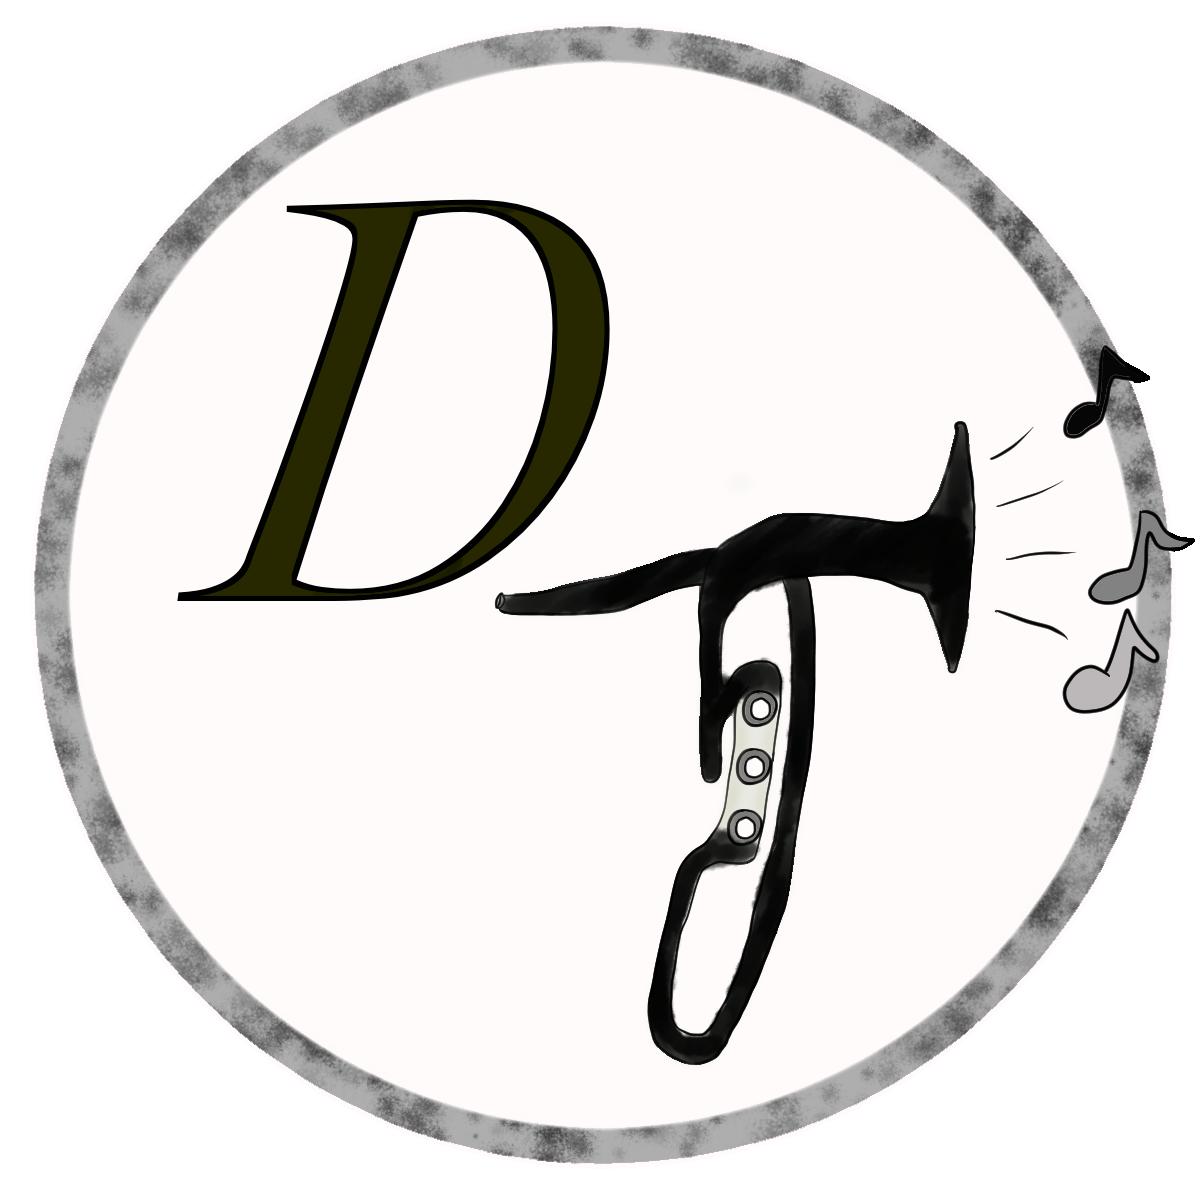 TheDarkTrumpet.com